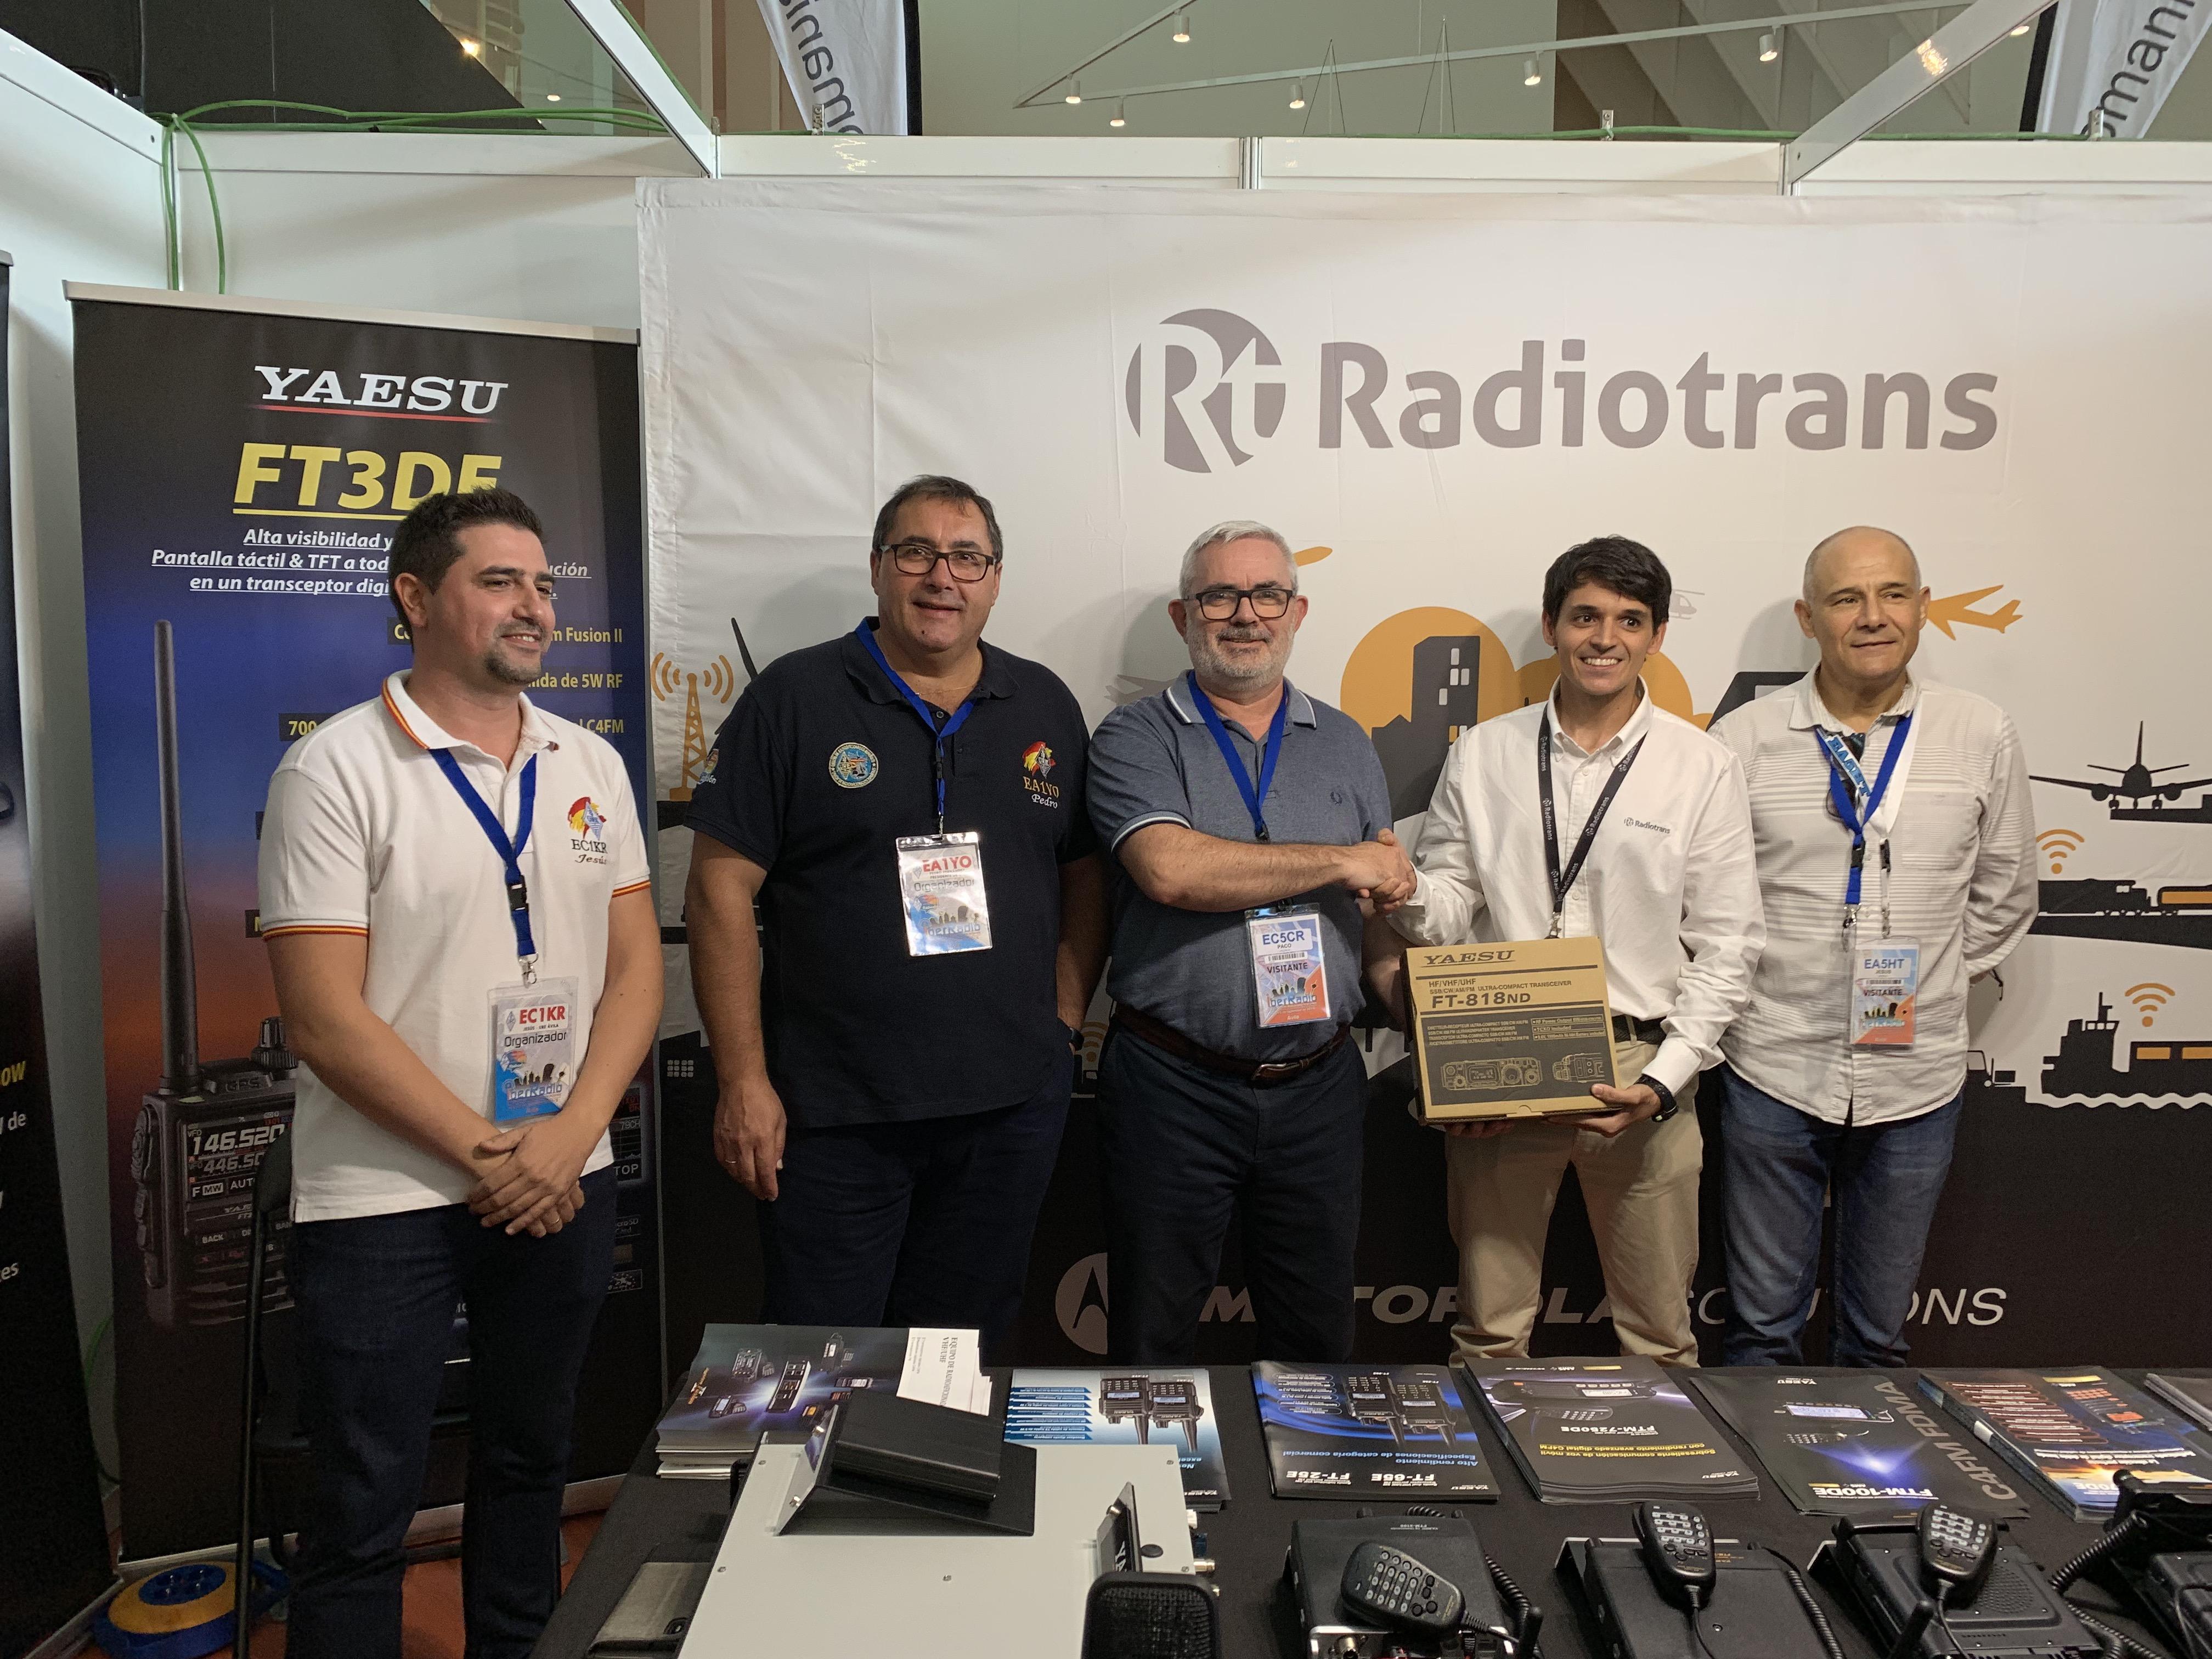 IberRadio 2019. La V Feria de las Radiocomunicaciones reúne en Ávila a 2.500 radioaficionados de toda España.